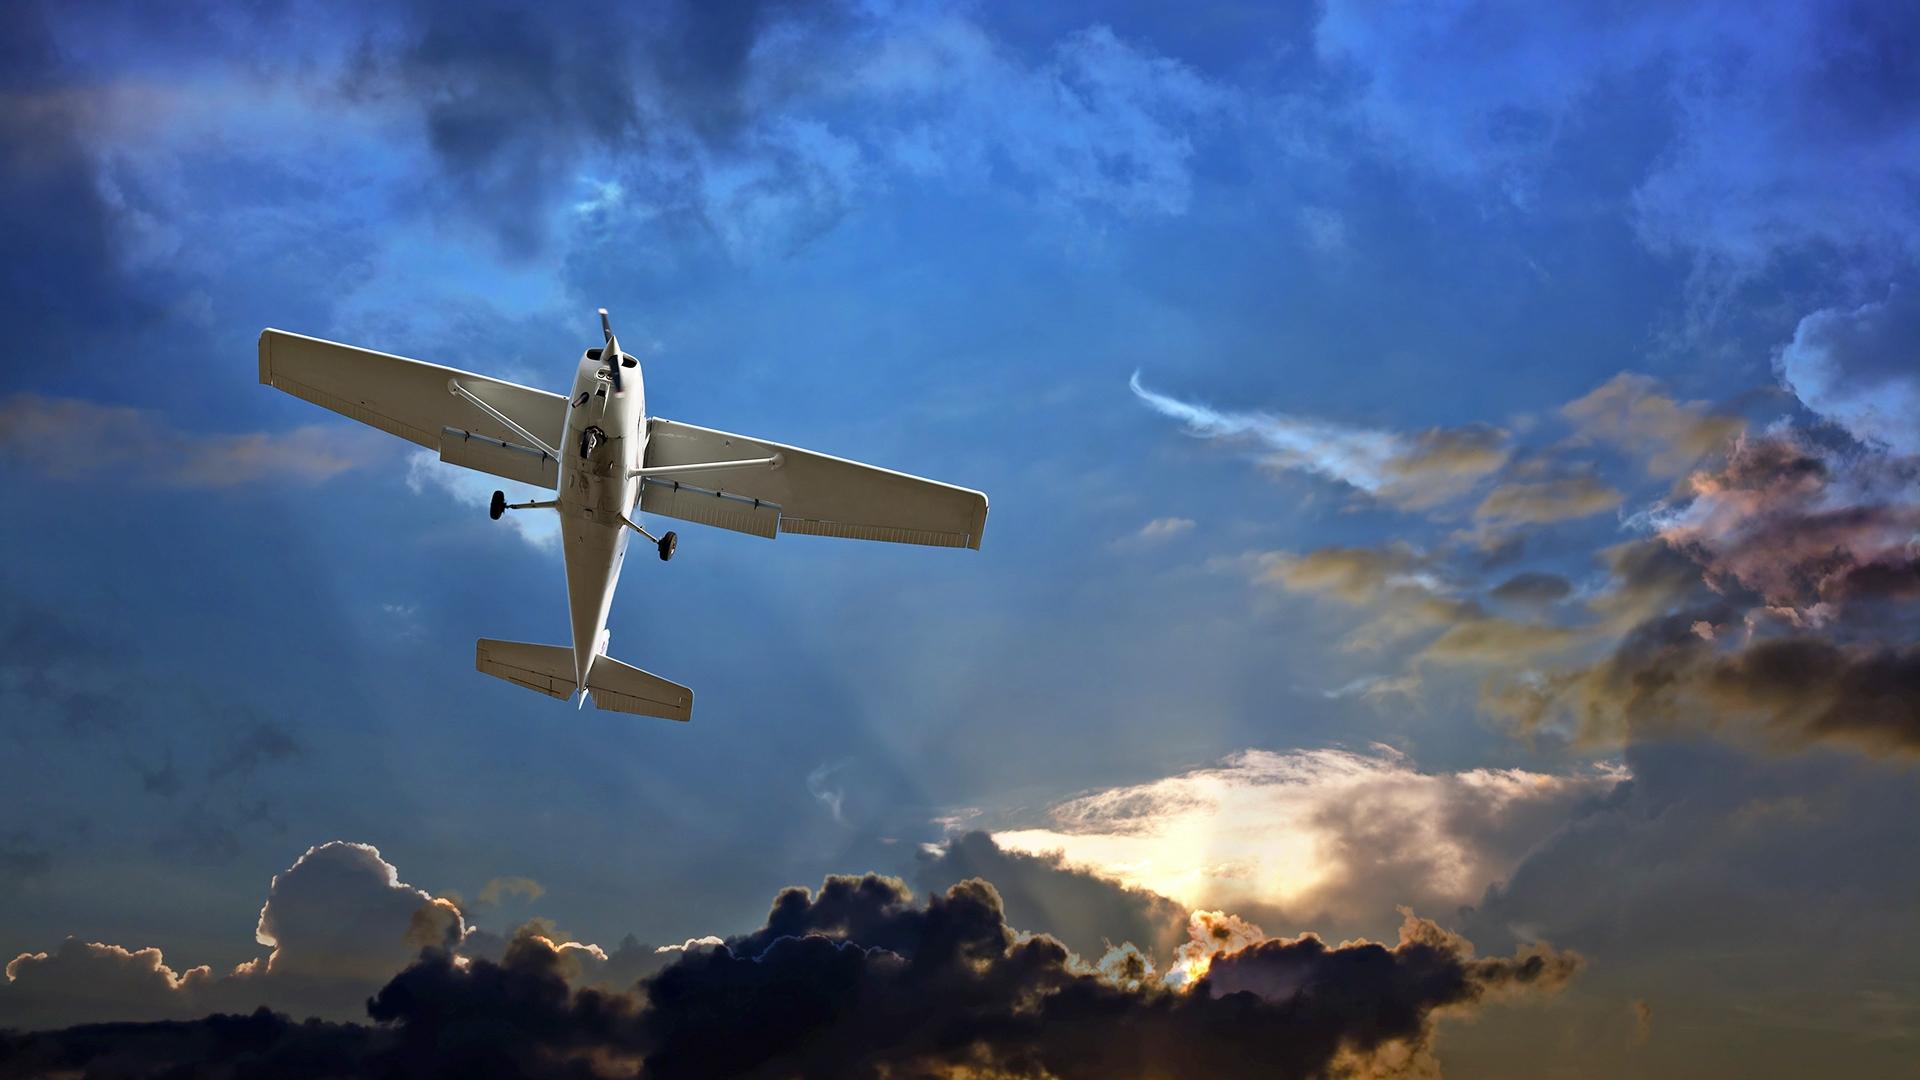 Lot widokowy samolotem w prezencie dla miłośników podniebnych wrażeń